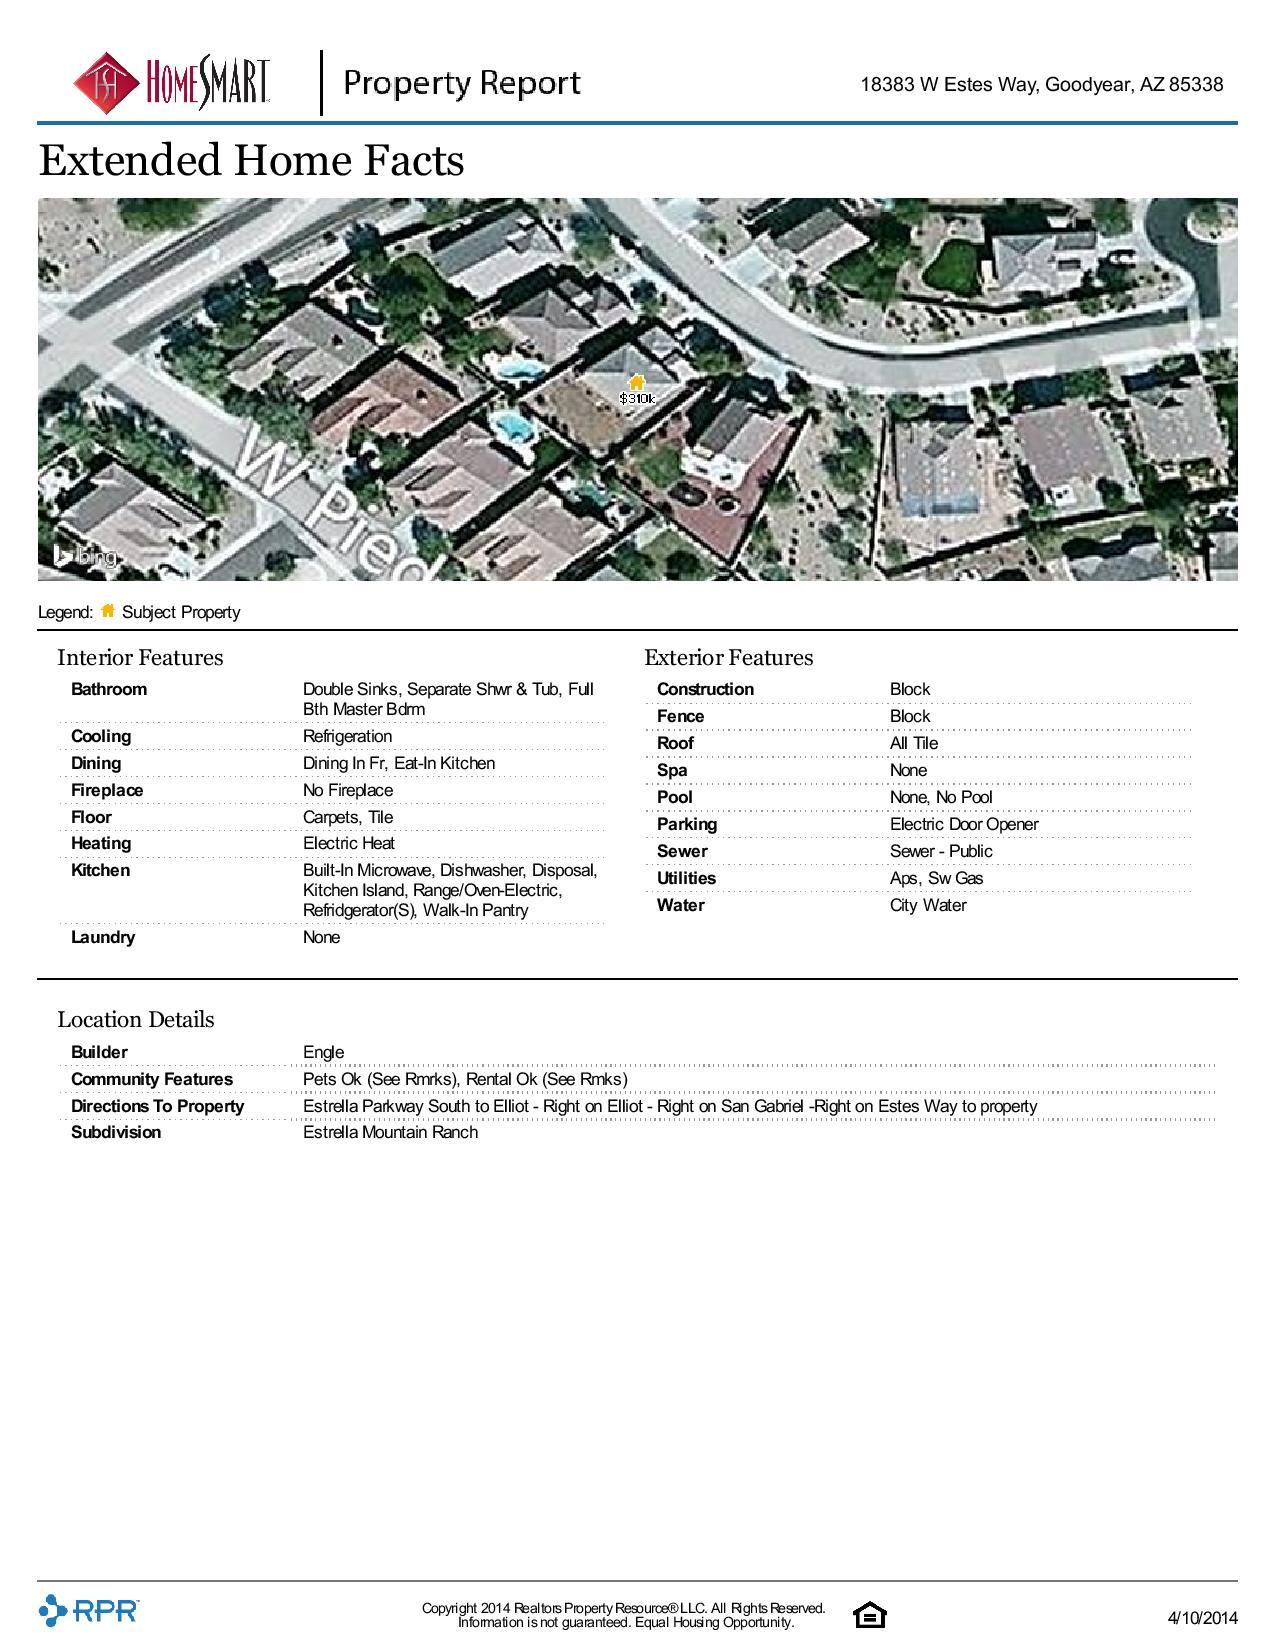 18383-W-Estes-Way-Goodyear-AZ-85338-page-004